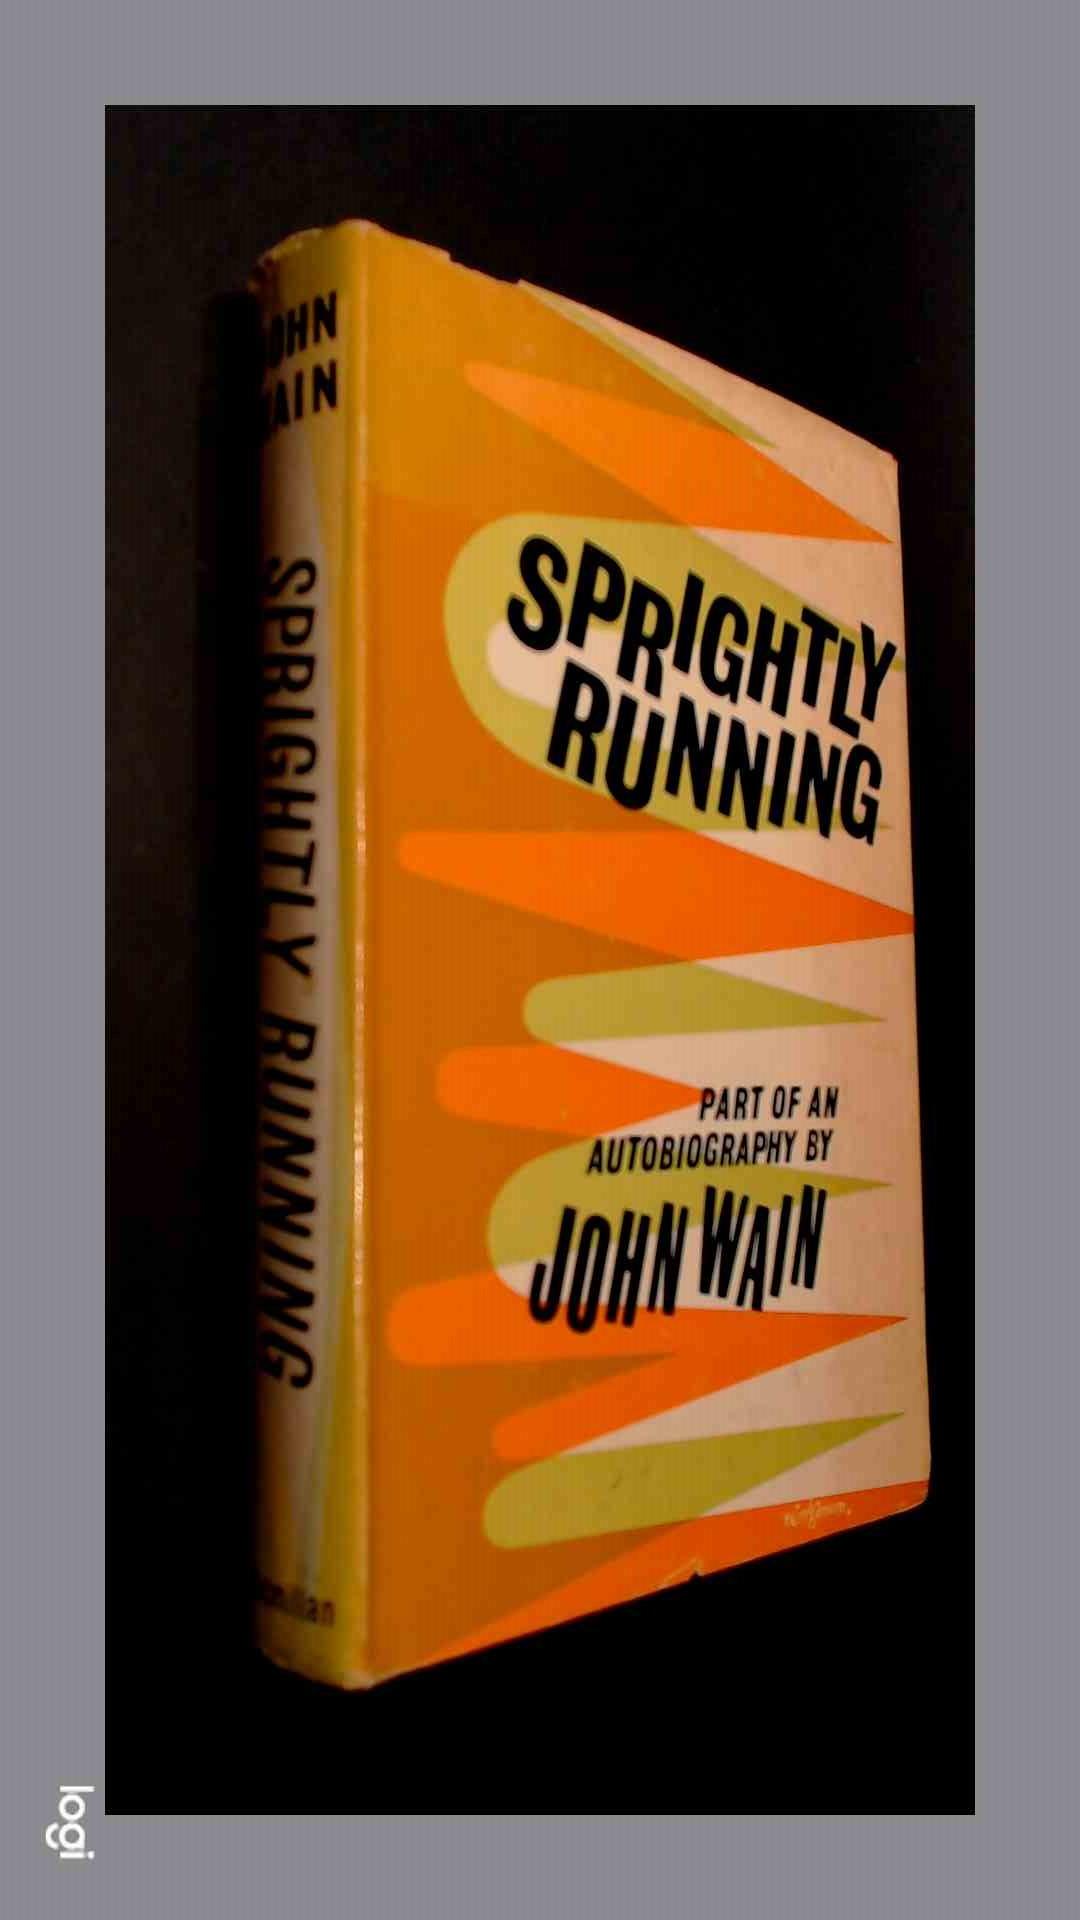 WAIN, JOHN - Sprightly running